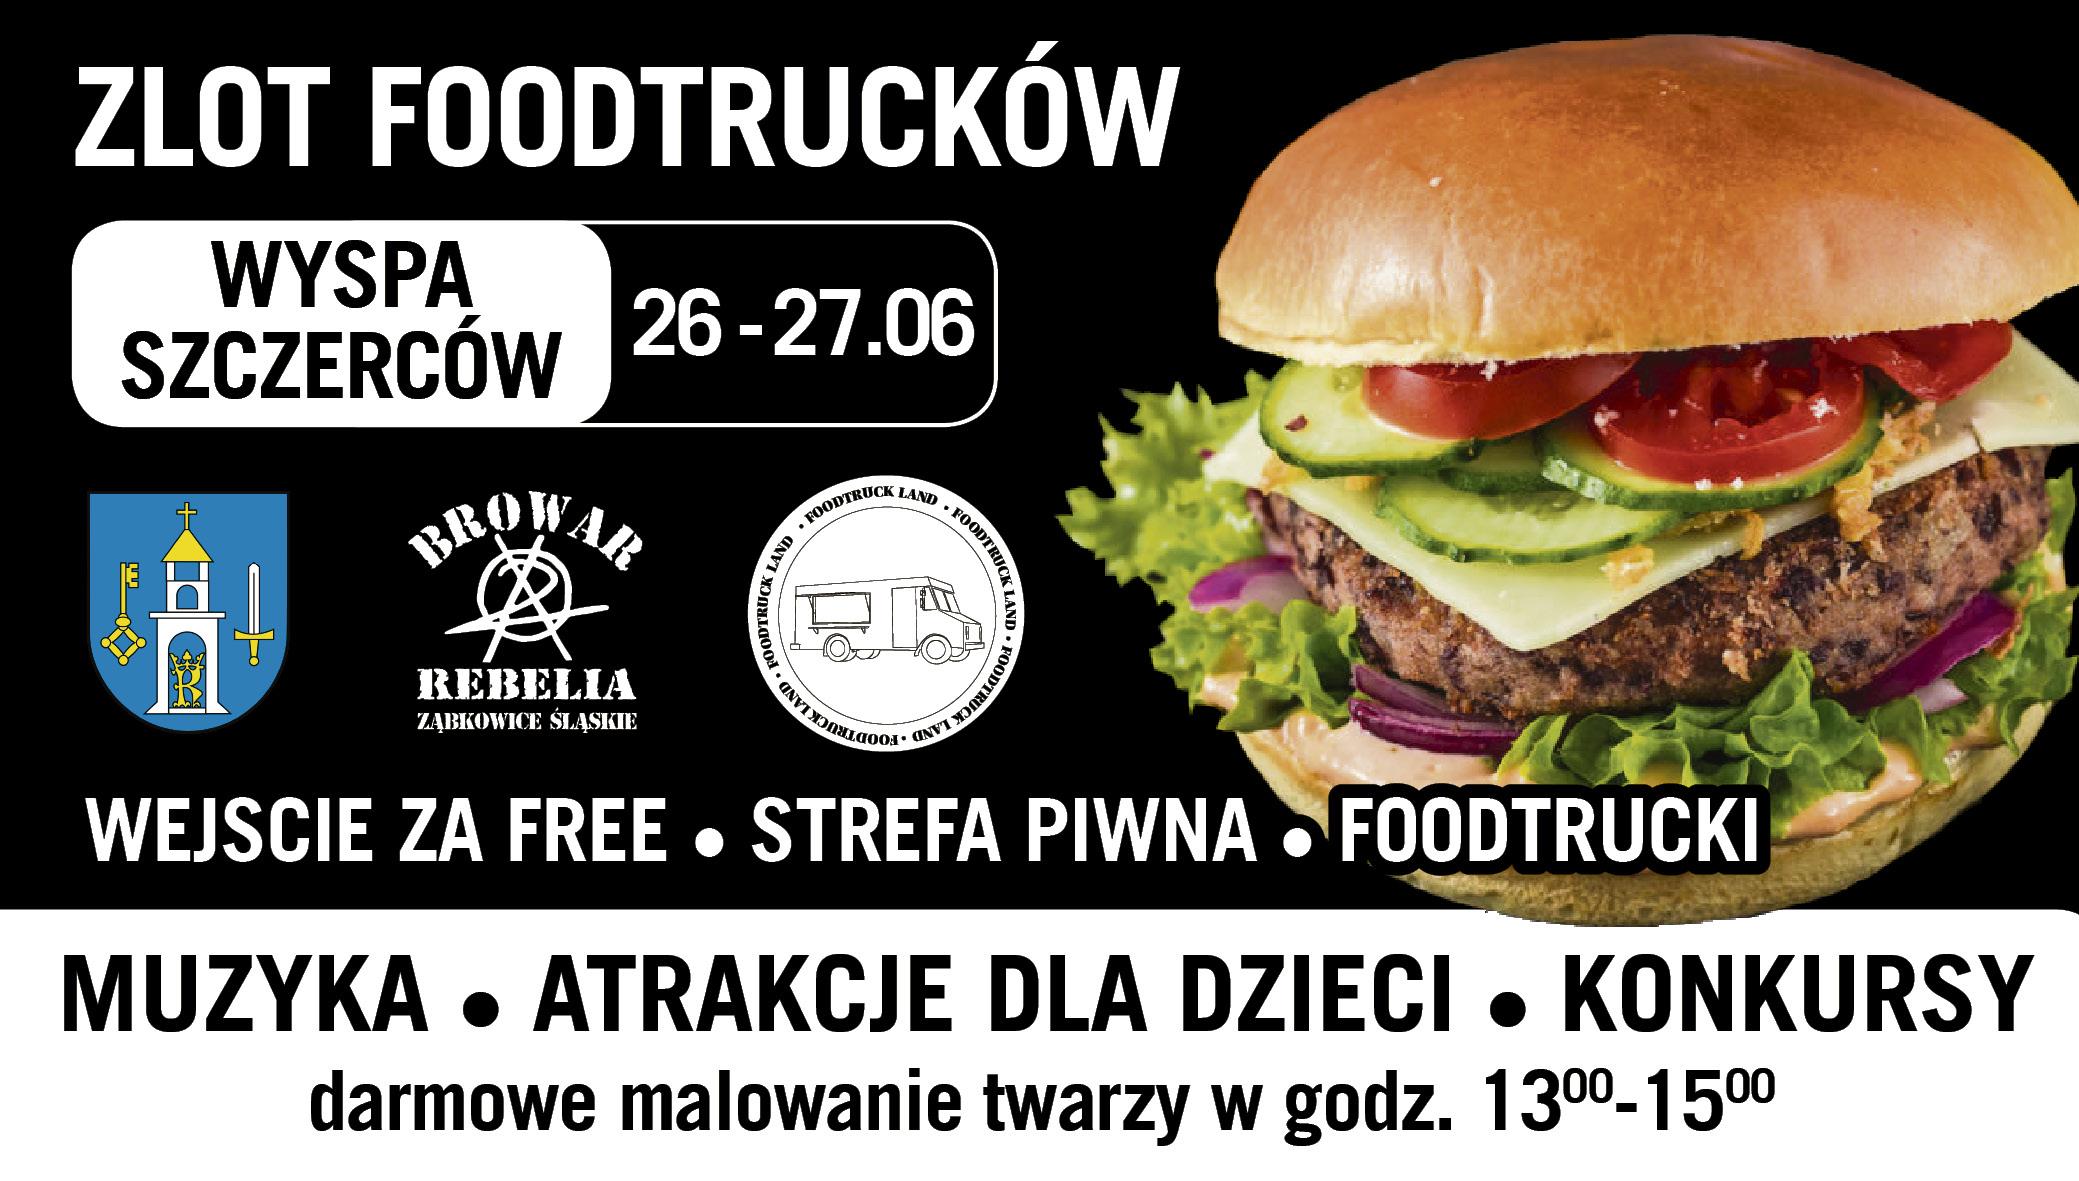 Zlot Food Trucków w Szczercowie! Pyszne jedzenie oraz wiele atrakcji dla każdego! - Zdjęcie główne